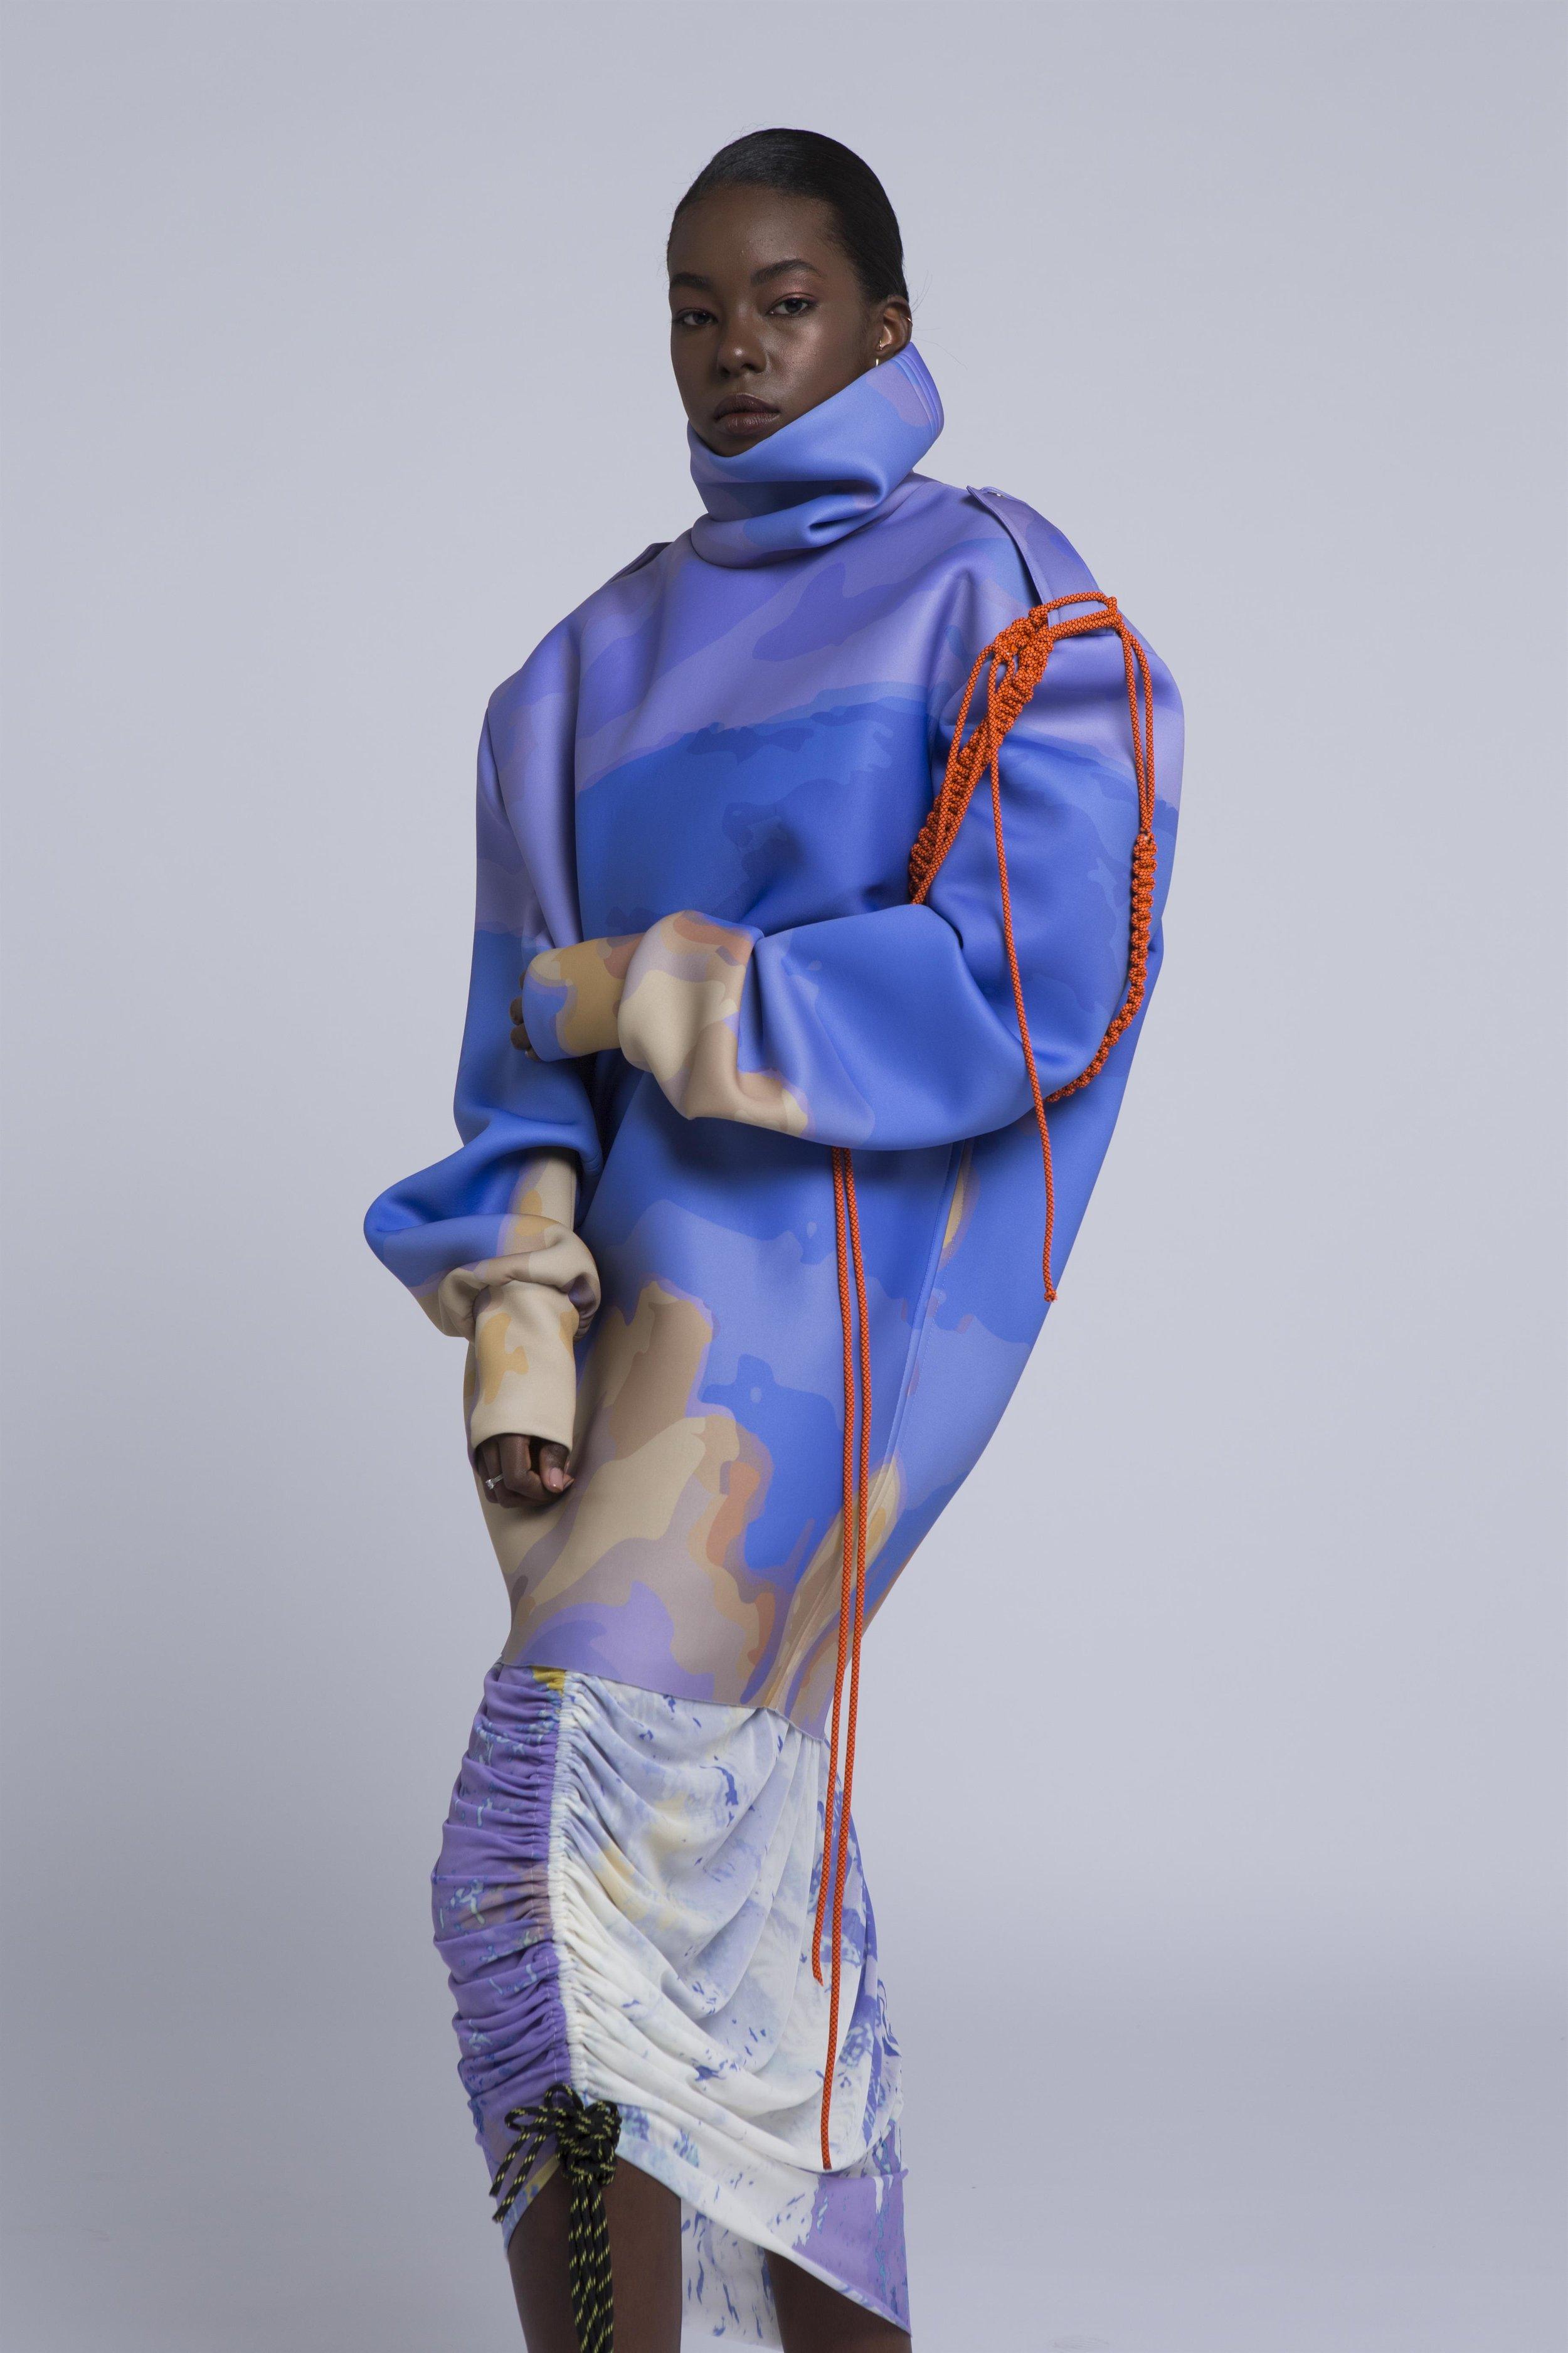 גלי ניר - התפכחותקולקציית בגדי נשים לבישה, המחפשת ליצור בתוכה רגע אוטופי כמעט בלתי אפשרי, שנוצר ממפגש של עולמות סותרים. גלי קיבלה את השראתה מסיפורו האישי של סבא שלה, ניצול שואה שעלה ארצה והפך מפקד וטייס